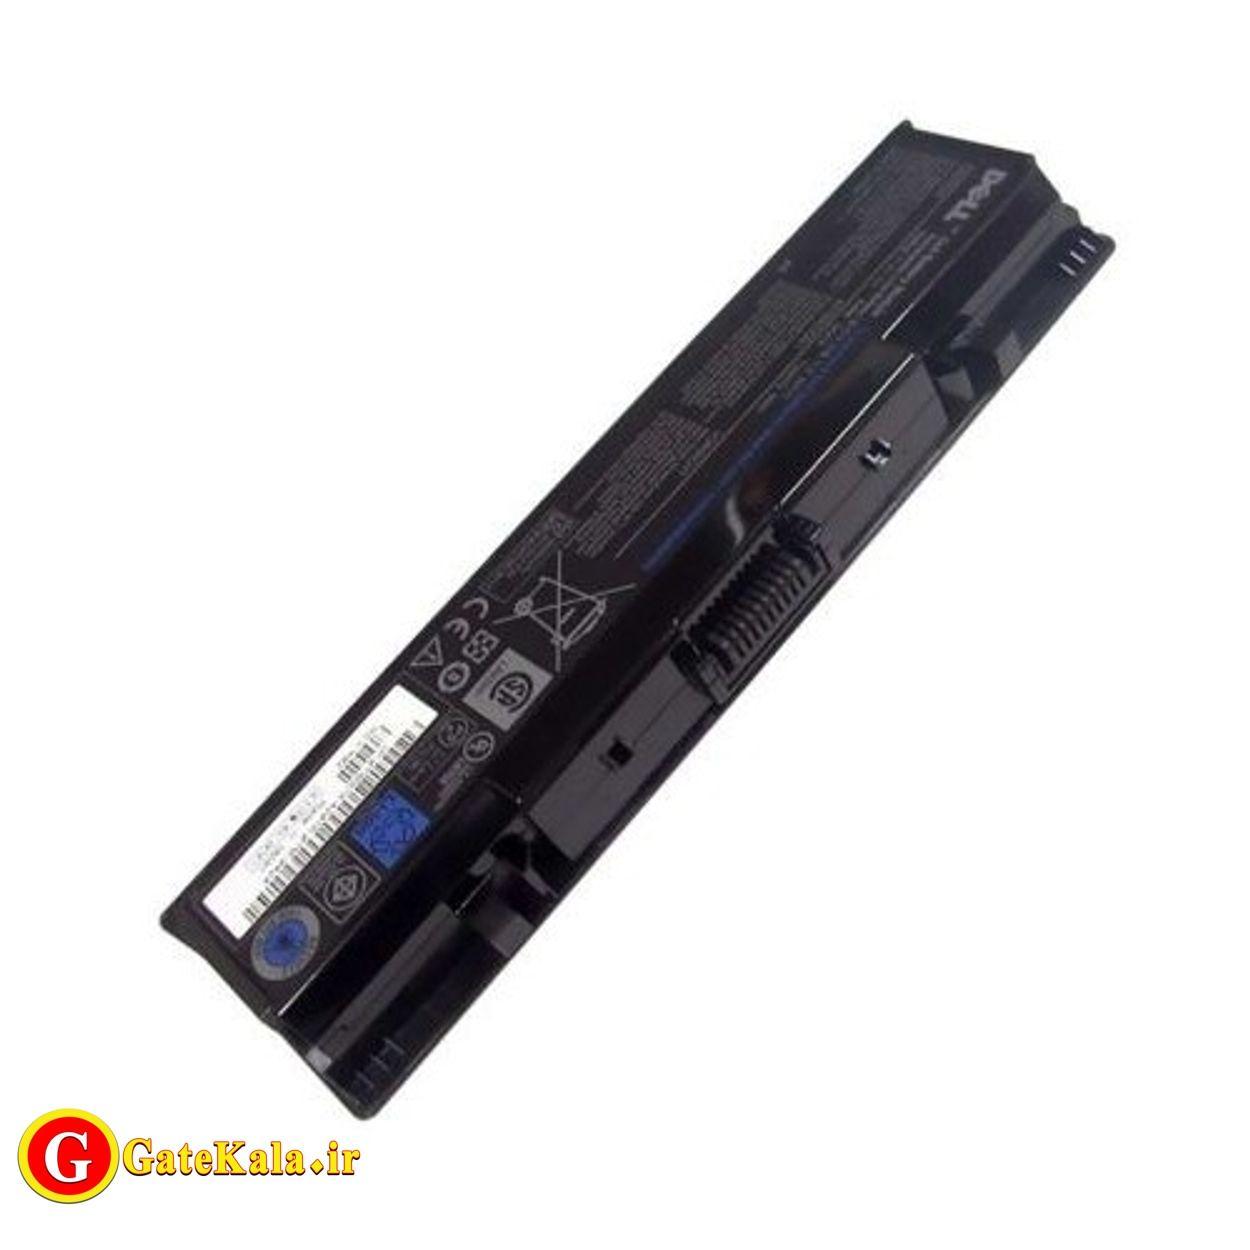 سلول های باتری لپ تاپ دل اینسپایرون 1720